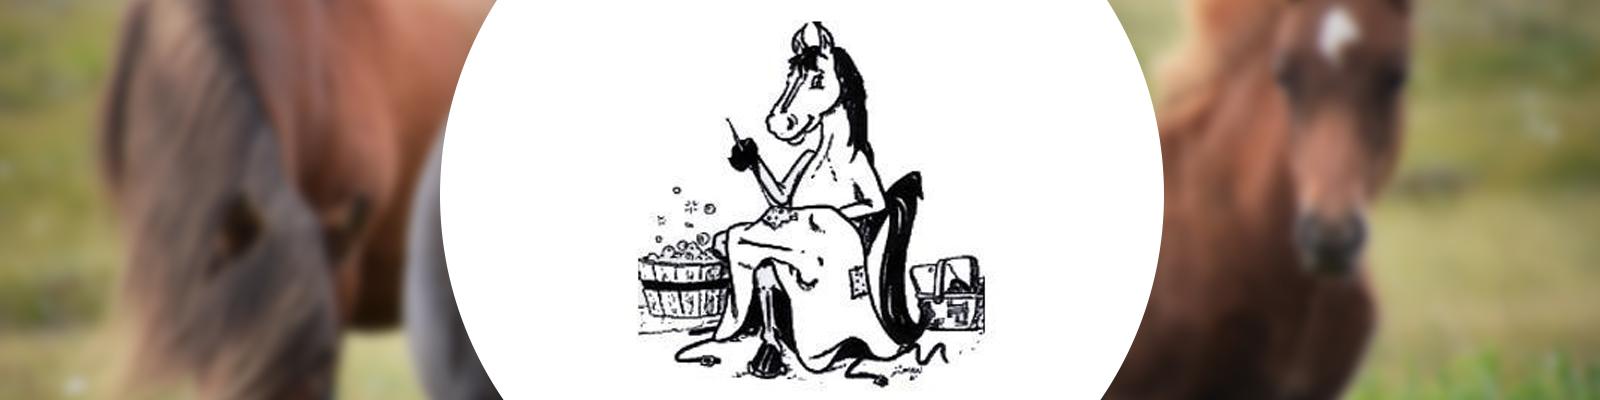 Pferdedeckenwaschservice aus Datteln